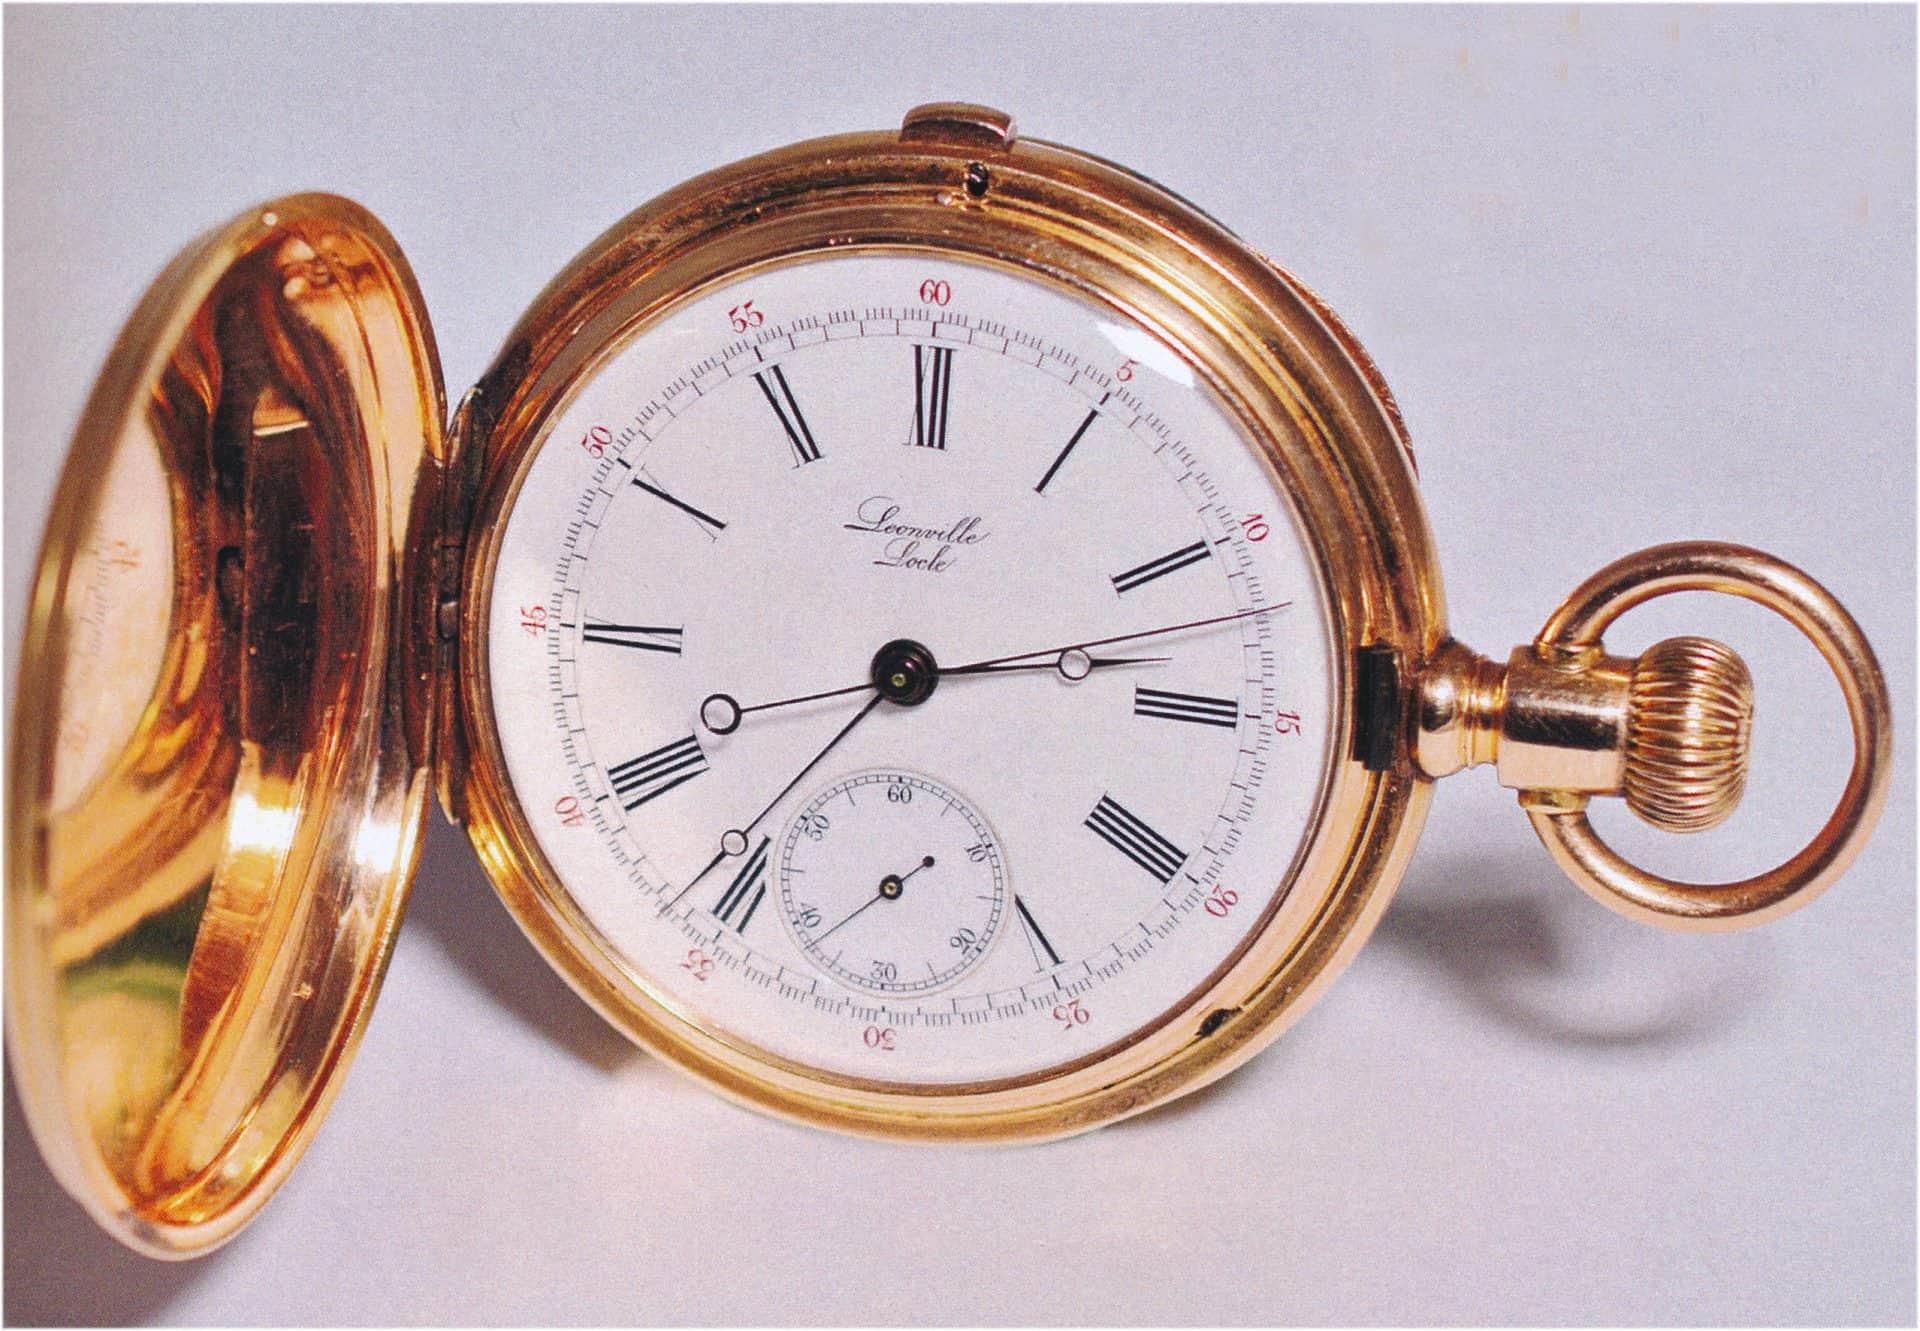 Leonville Sekunden-Chronographen aus der Zeit um 1885